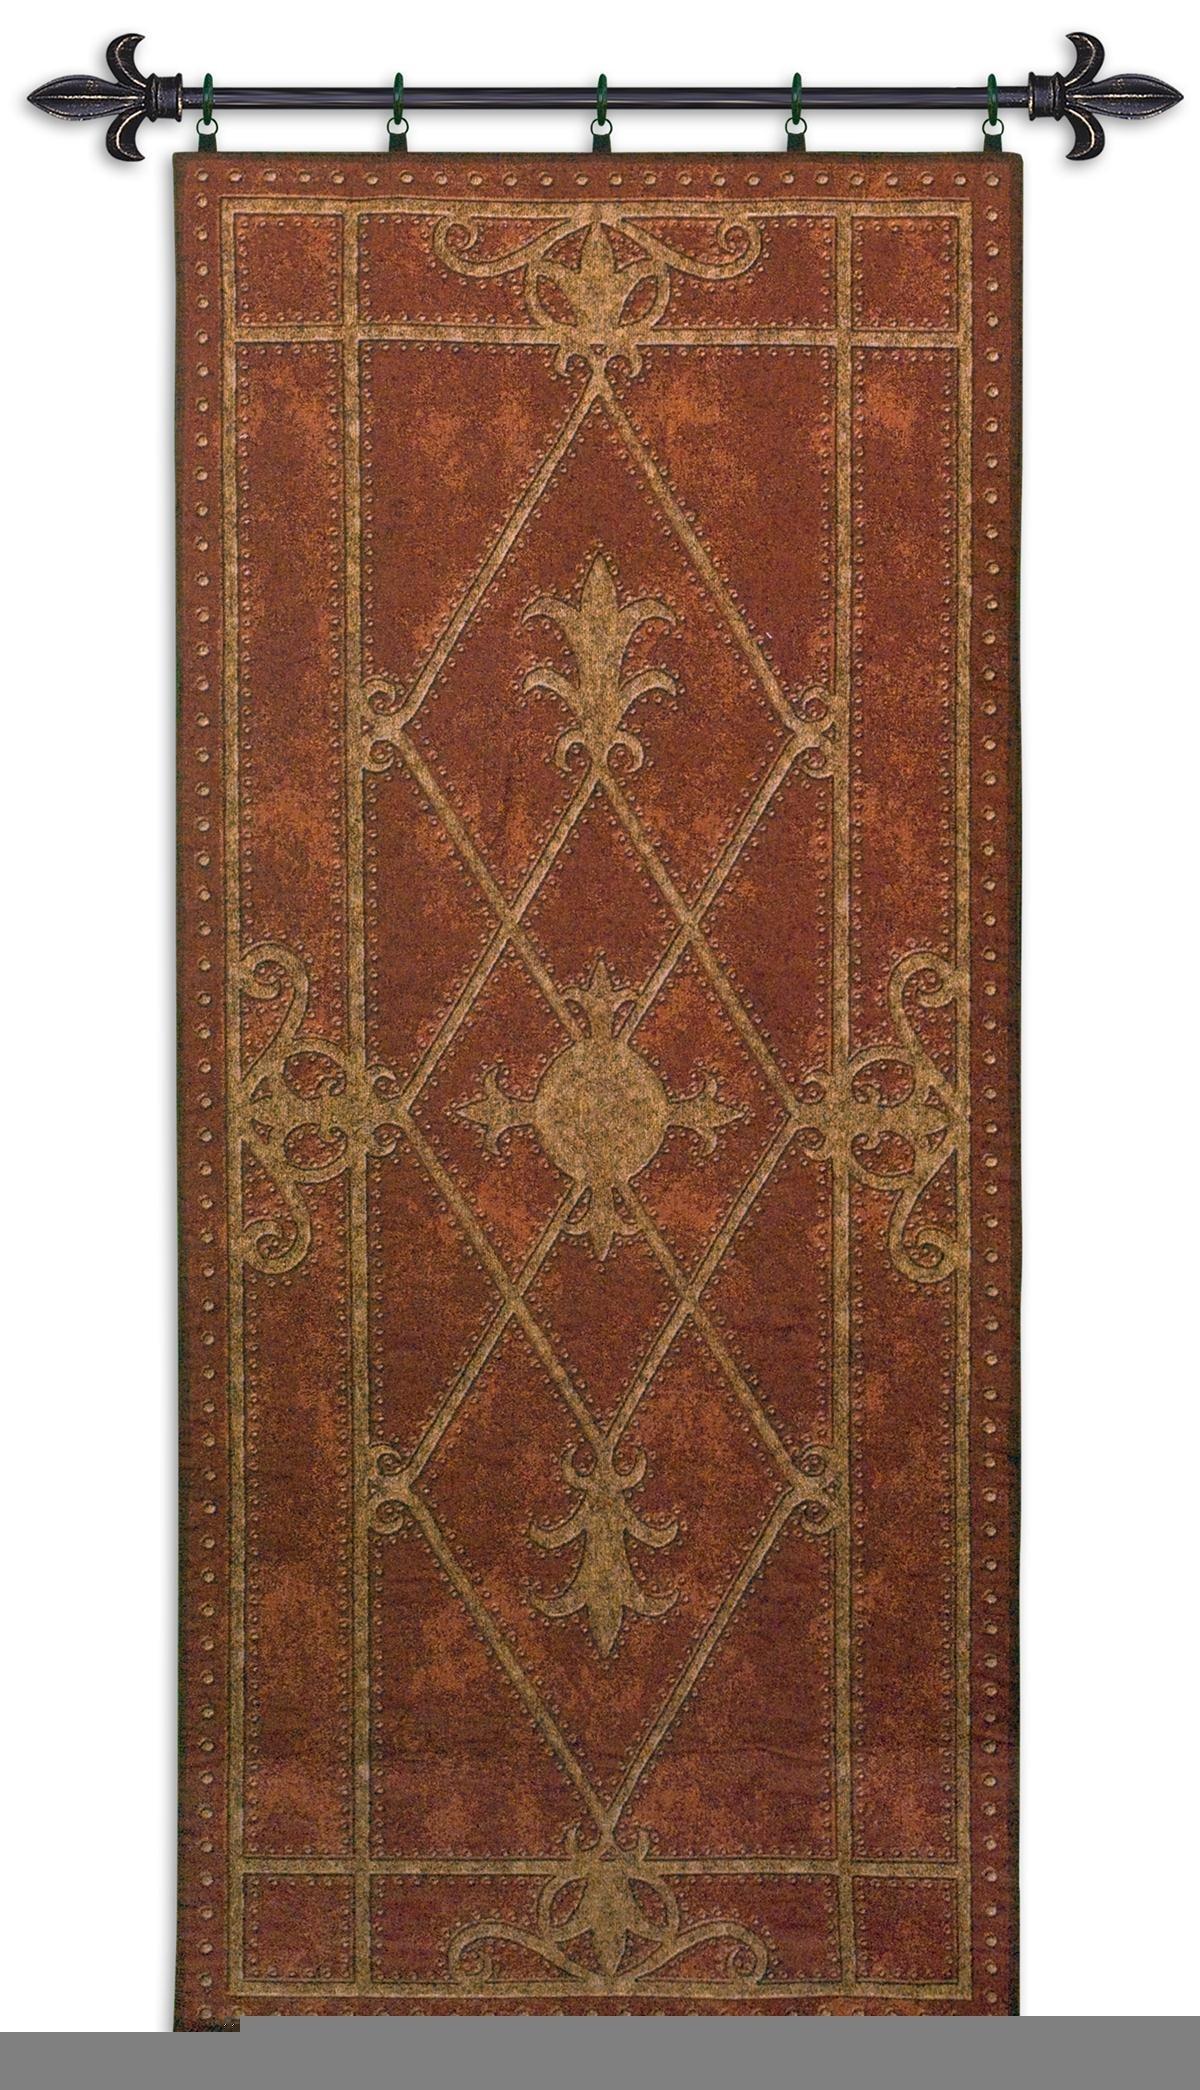 Fine Art Tapestries ''Edinburgh Scroll'' Wall Tapestry by Fine Art Tapestries